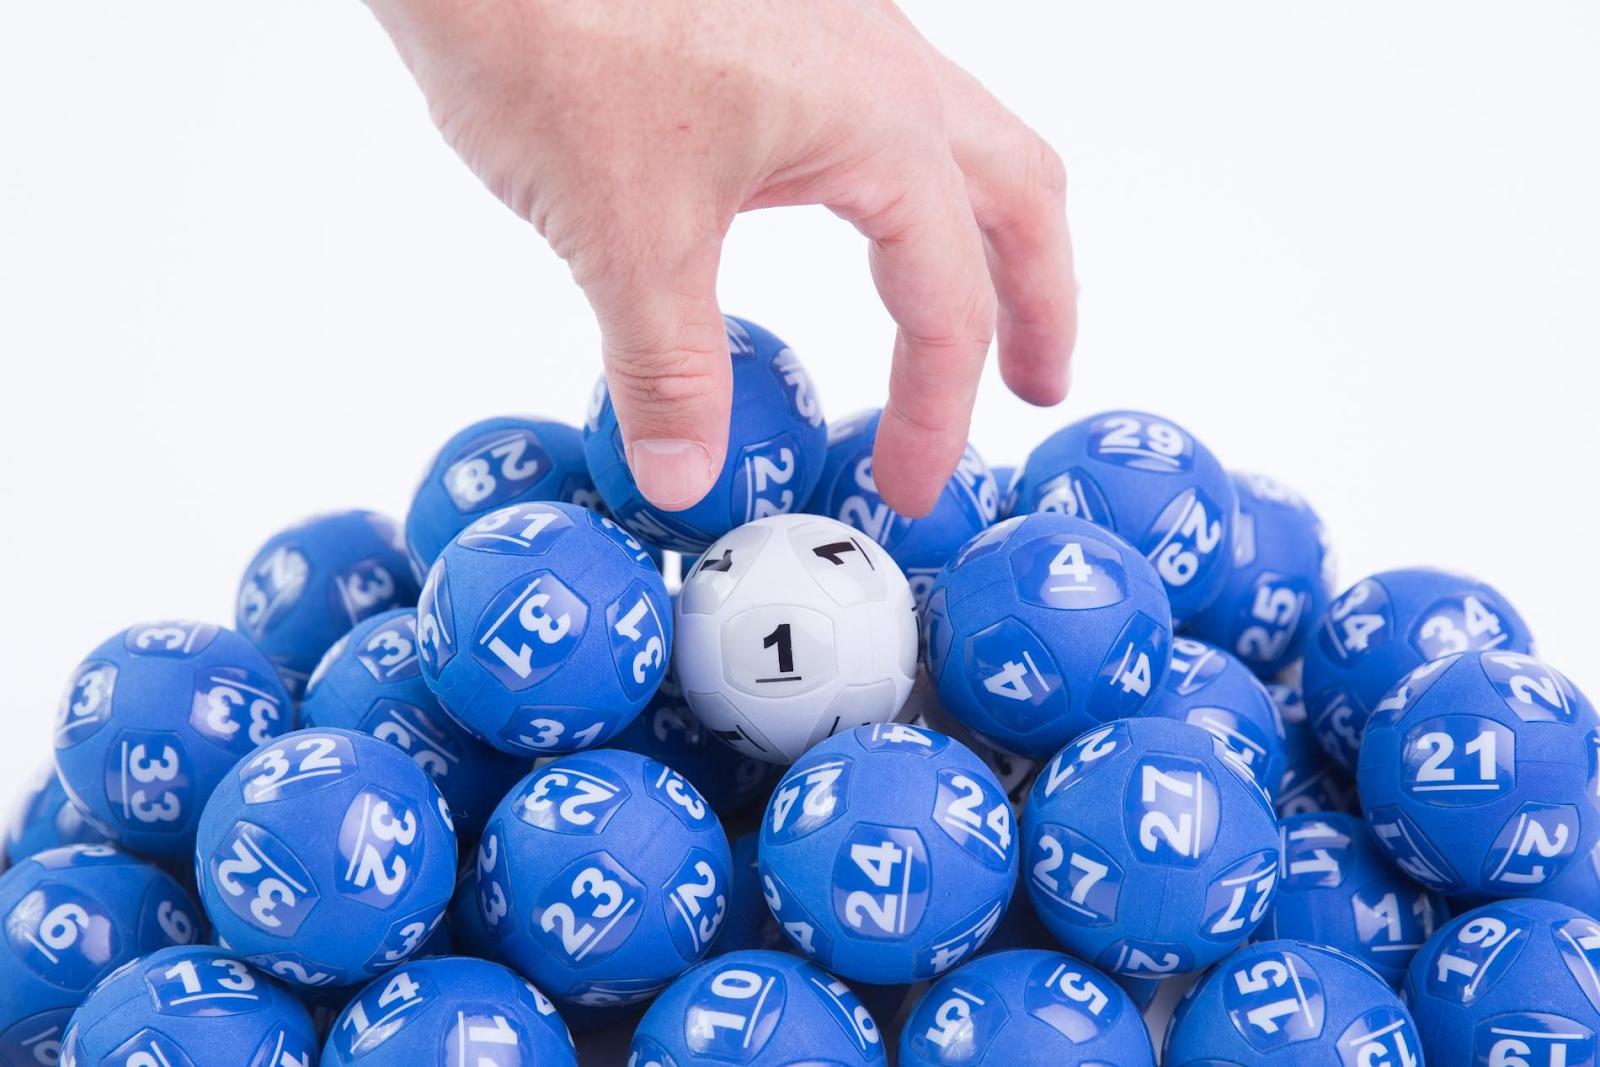 Как выиграть в лотерею: cách + lời cầu nguyện + các loại xổ số